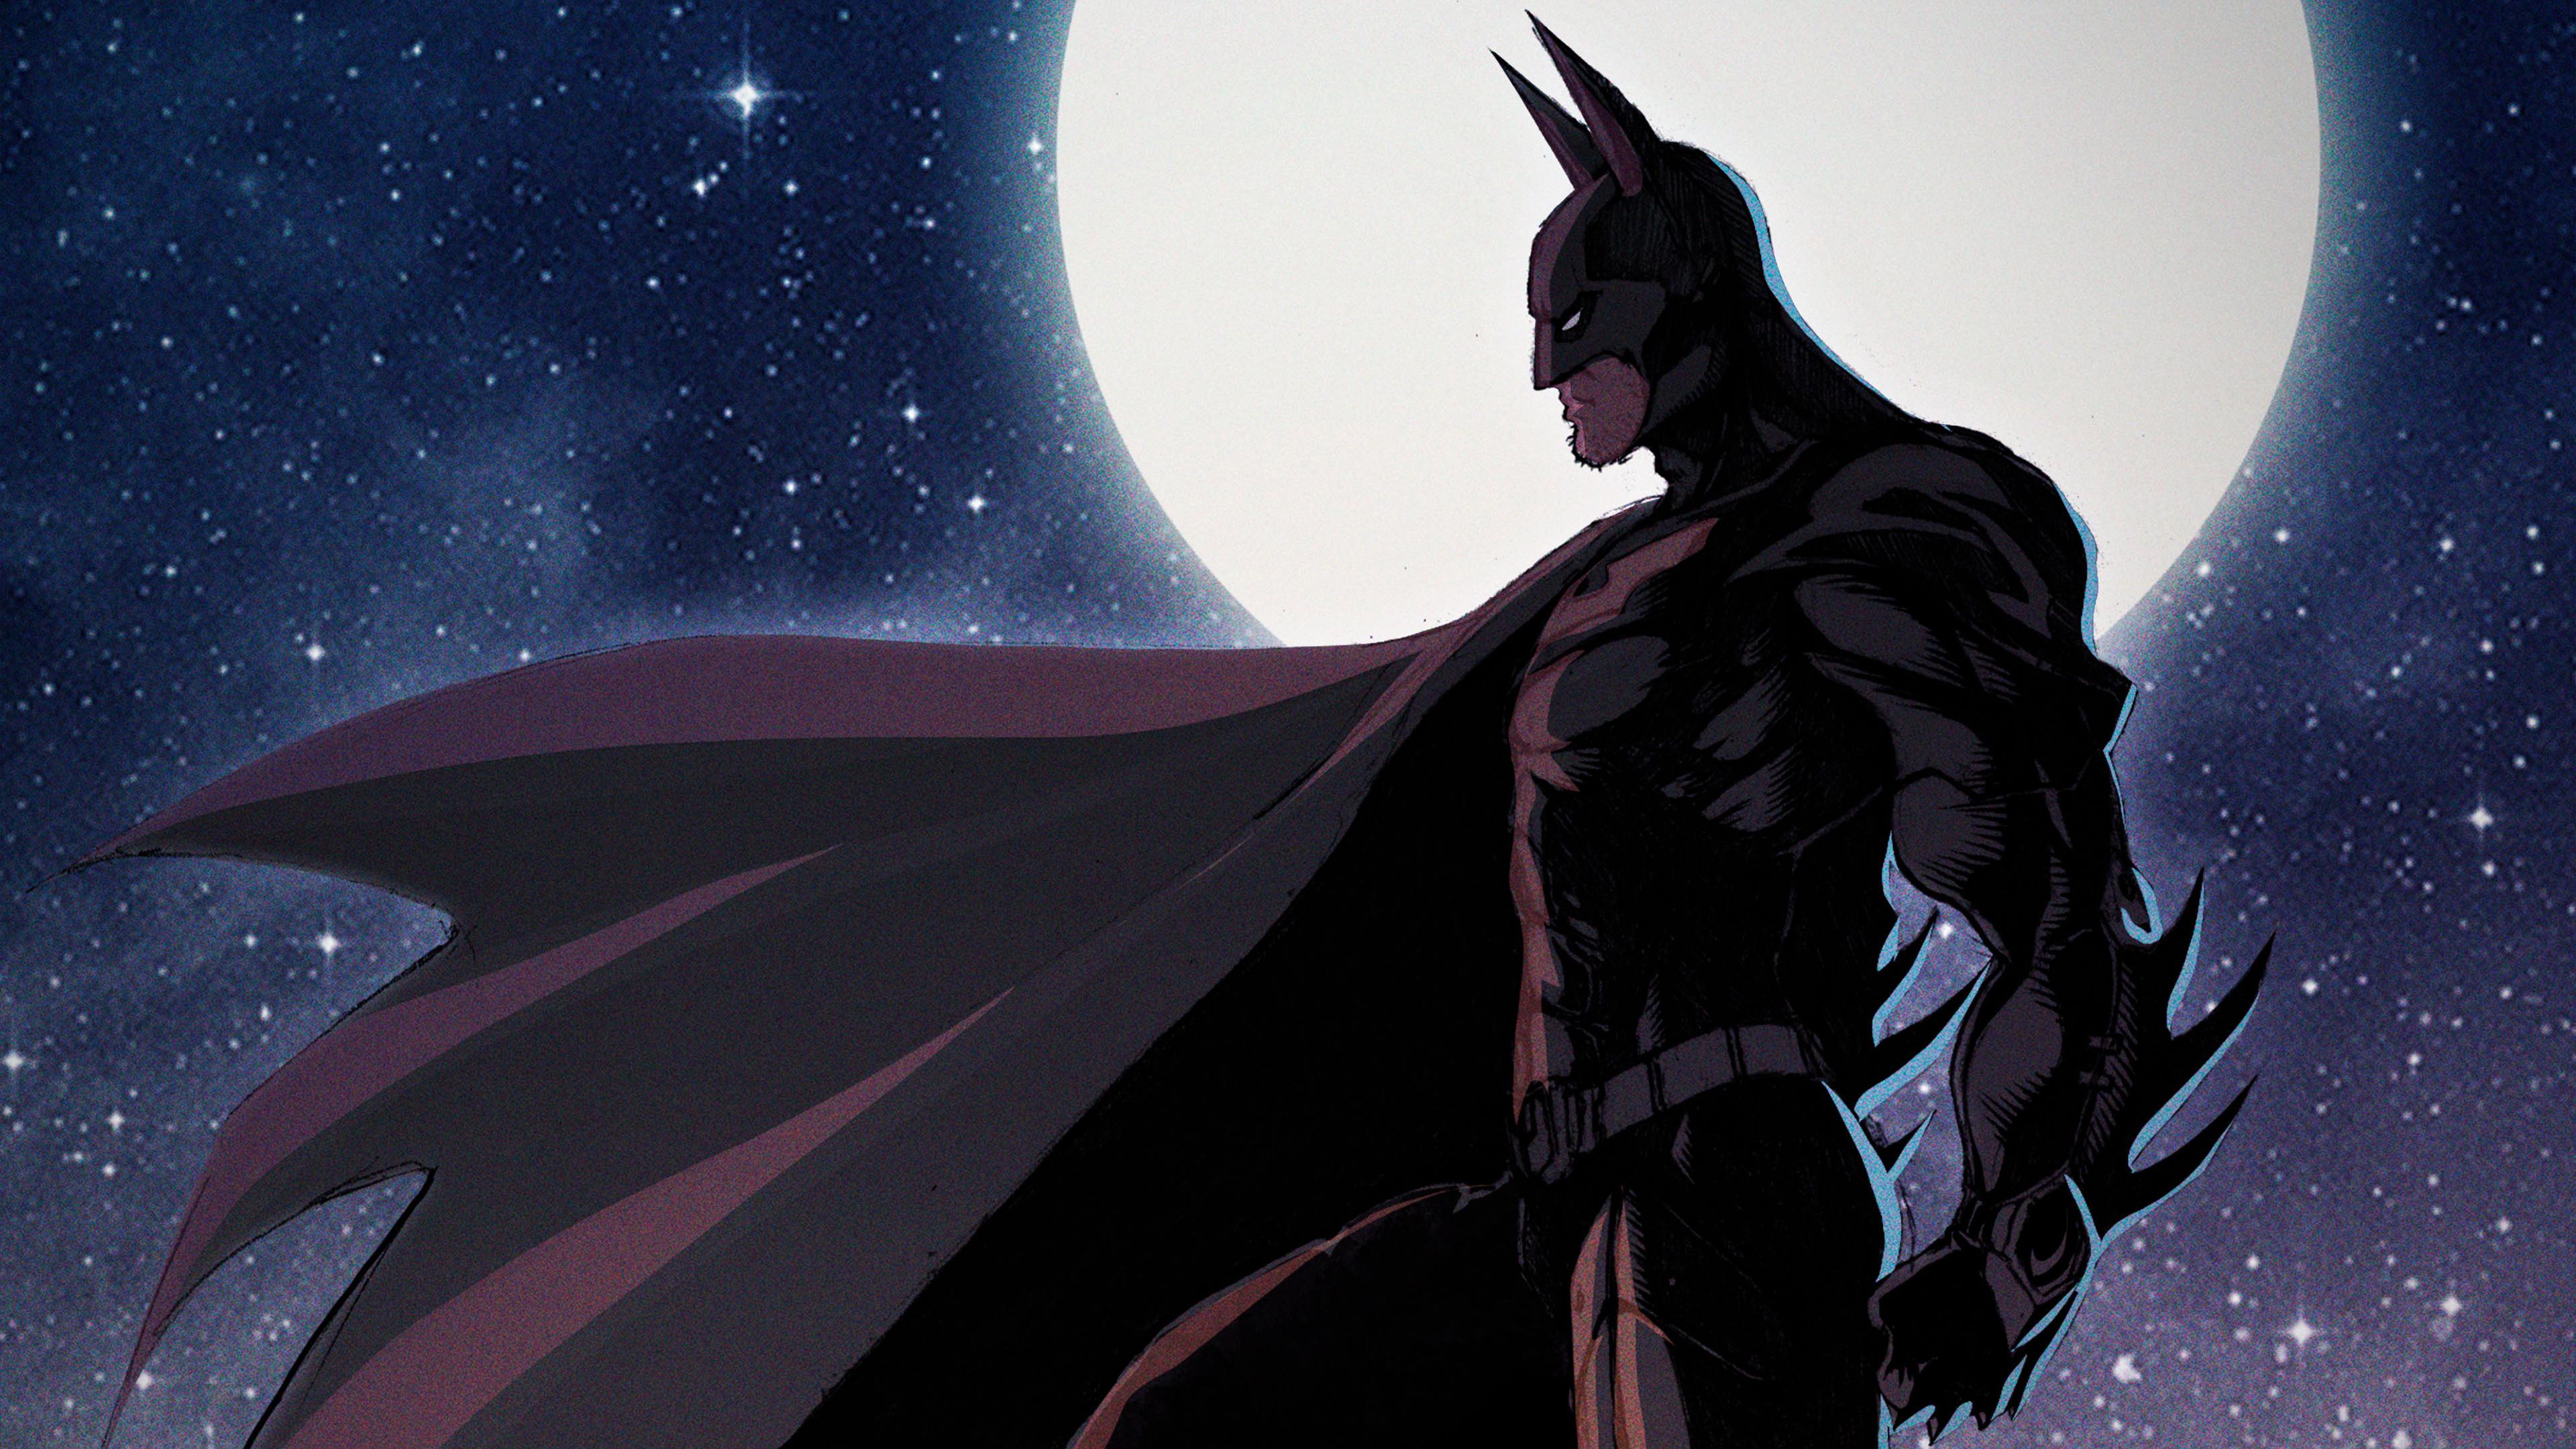 batman the knight 4k art 1544286899 - Batman The Knight 4K Art - superheroes wallpapers, hd-wallpapers, digital art wallpapers, behance wallpapers, batman wallpapers, artwork wallpapers, artist wallpapers, 4k-wallpapers